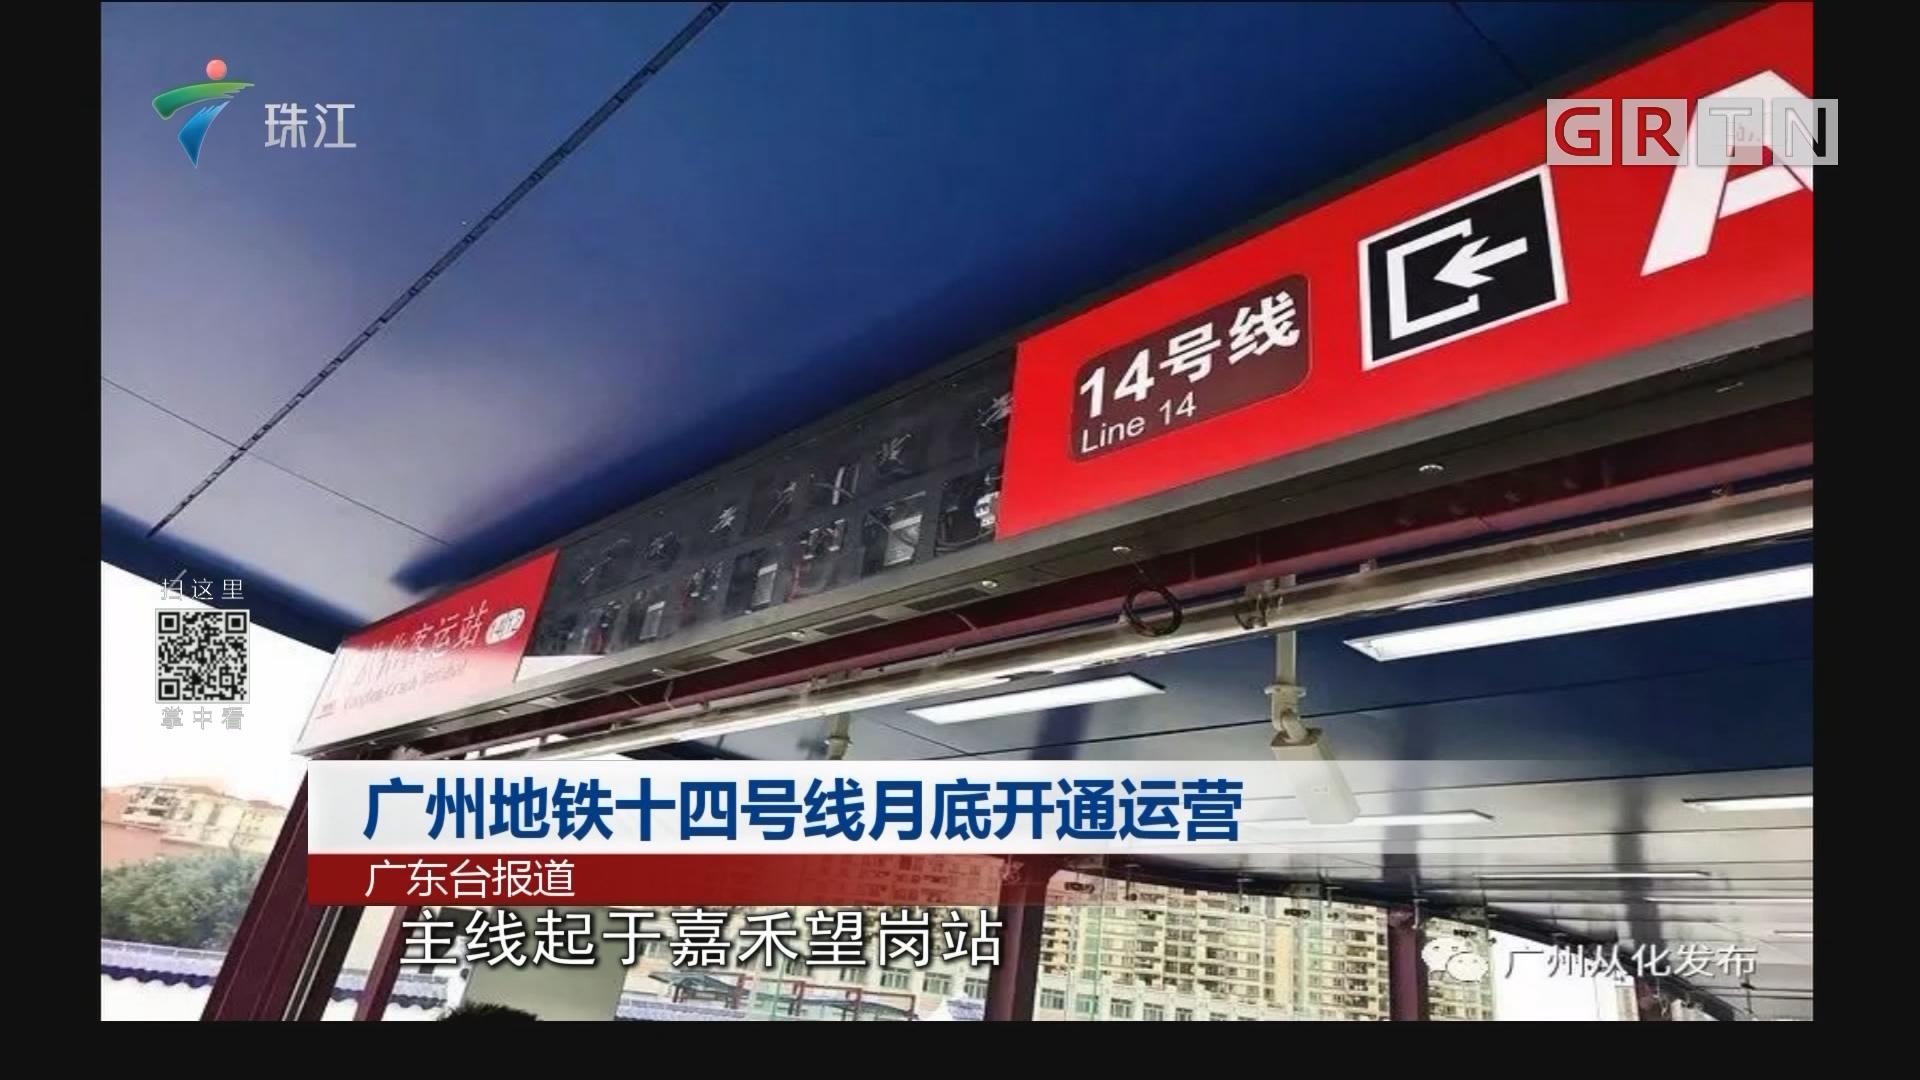 广州地铁十四号线月底开通运营